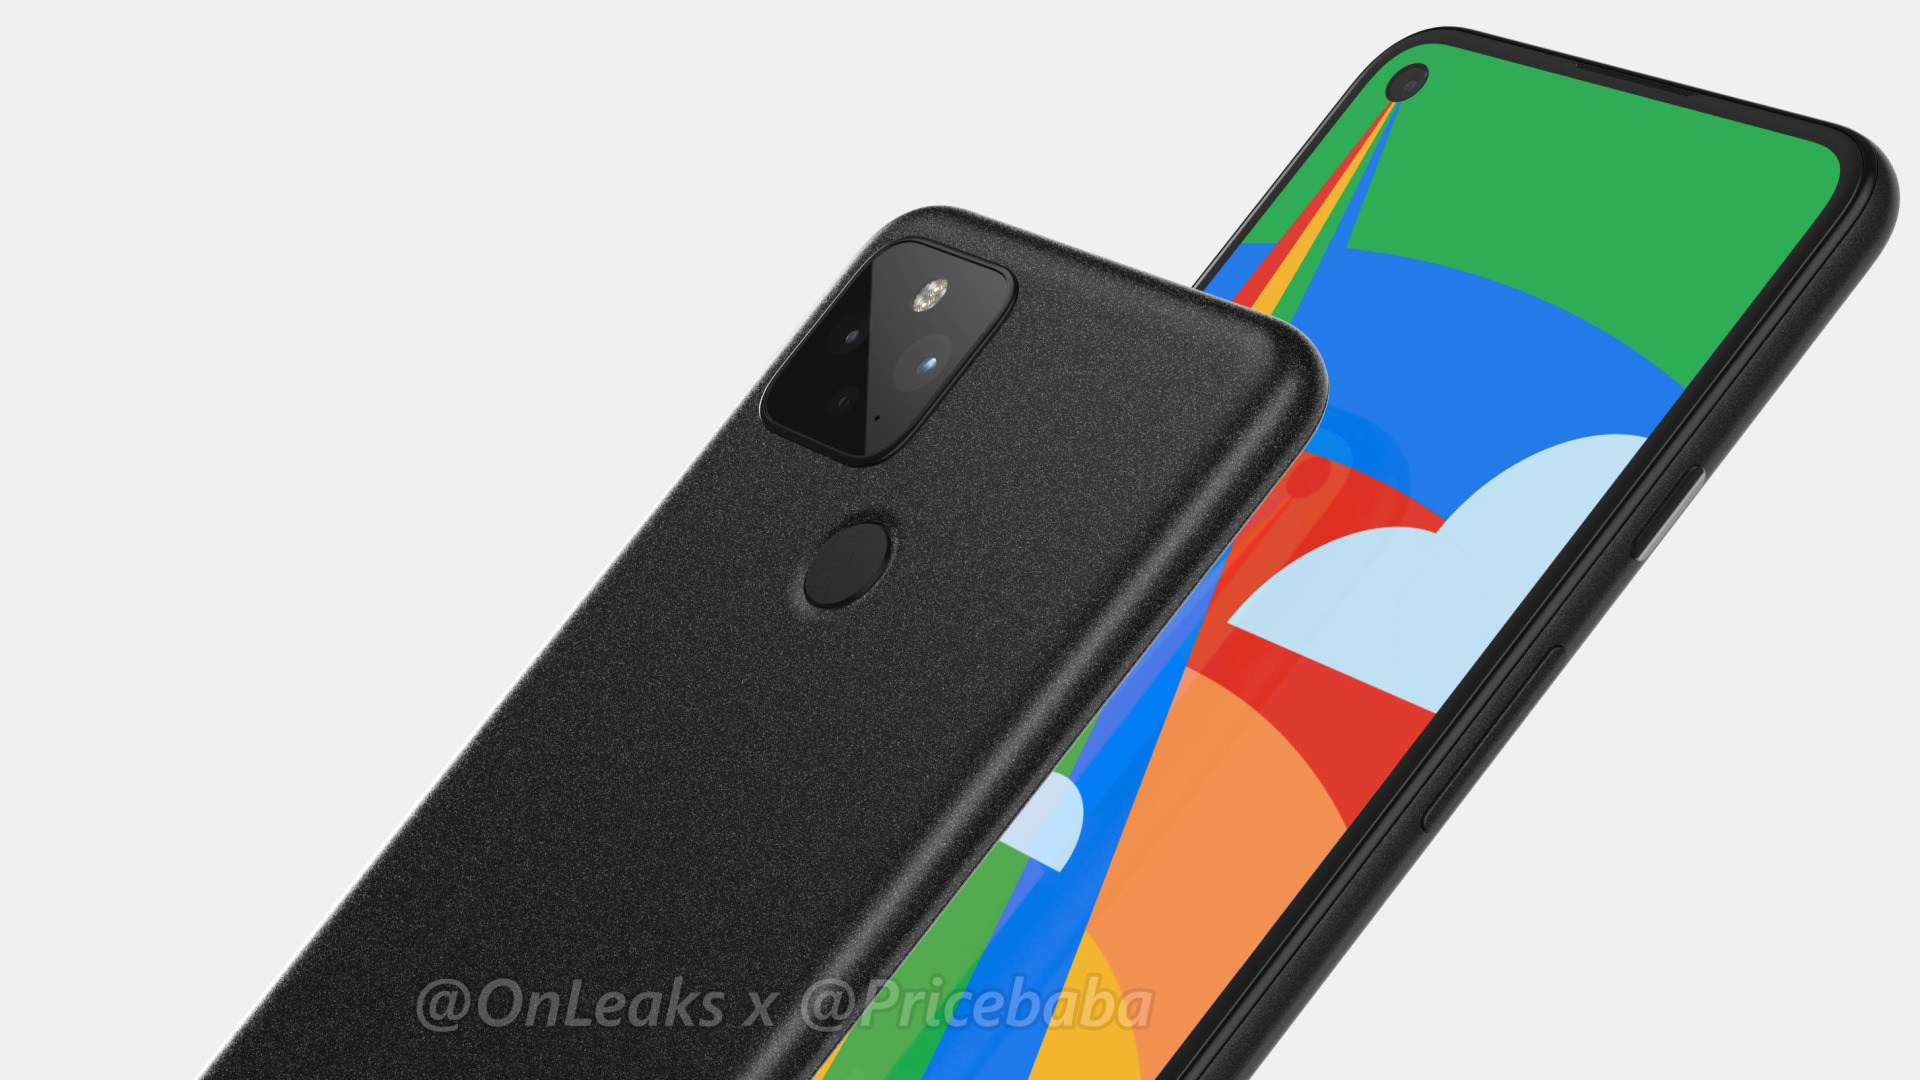 Smartphone, Google, Pixel, Google Pixel 5